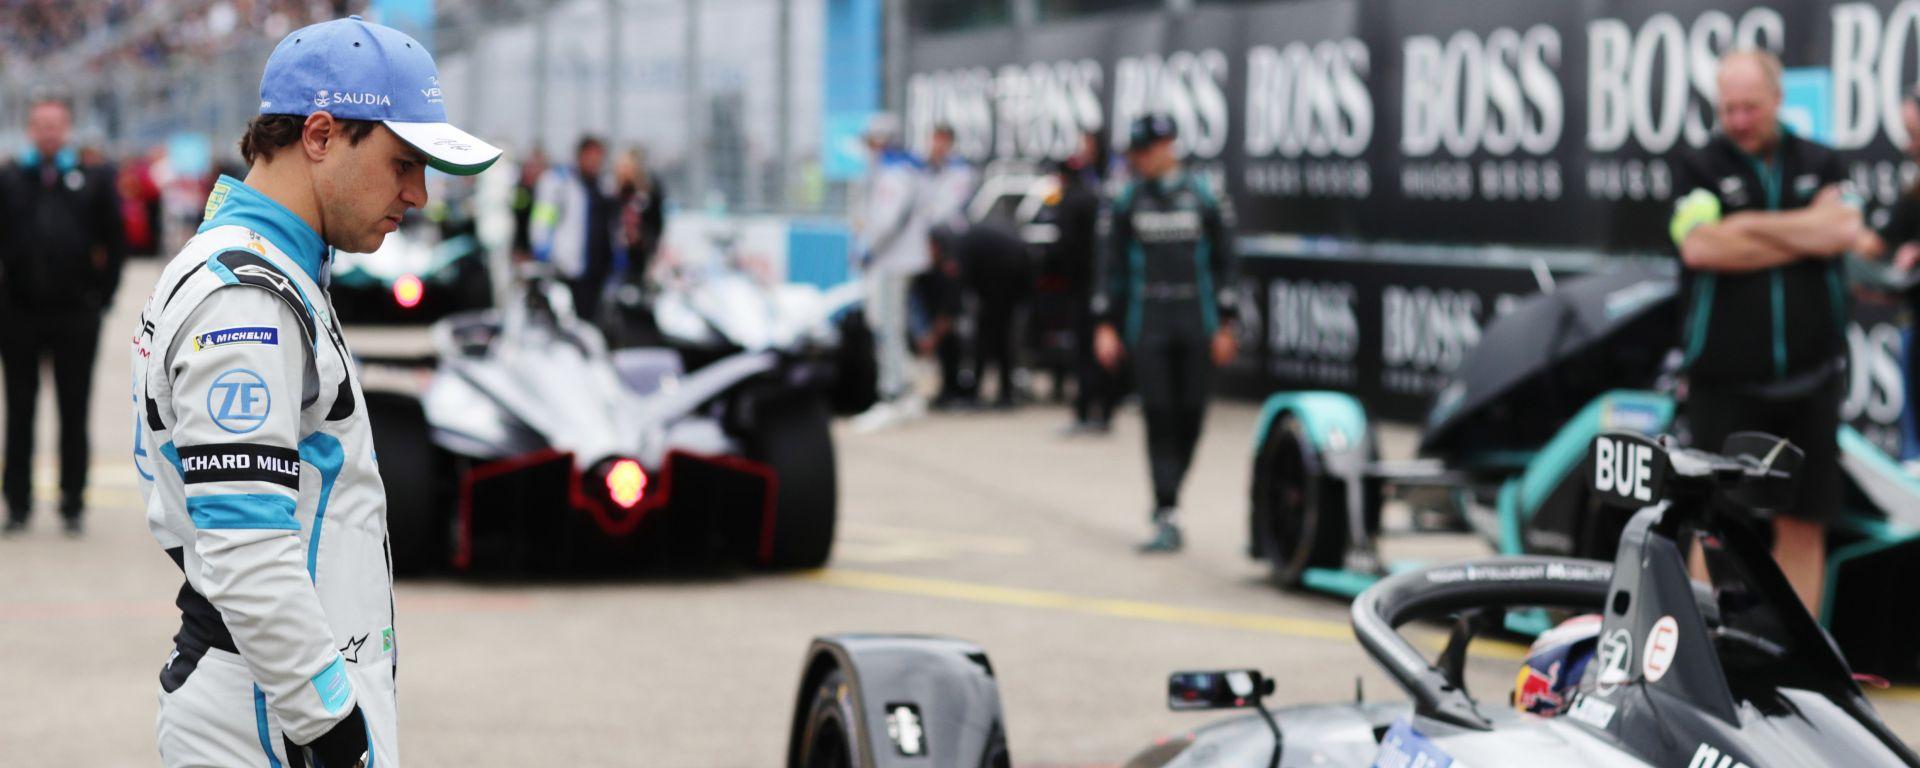 ePrix Berlino 2019, Massa osserva la monoposto del poleman Buemi dopo la deludente qualifica